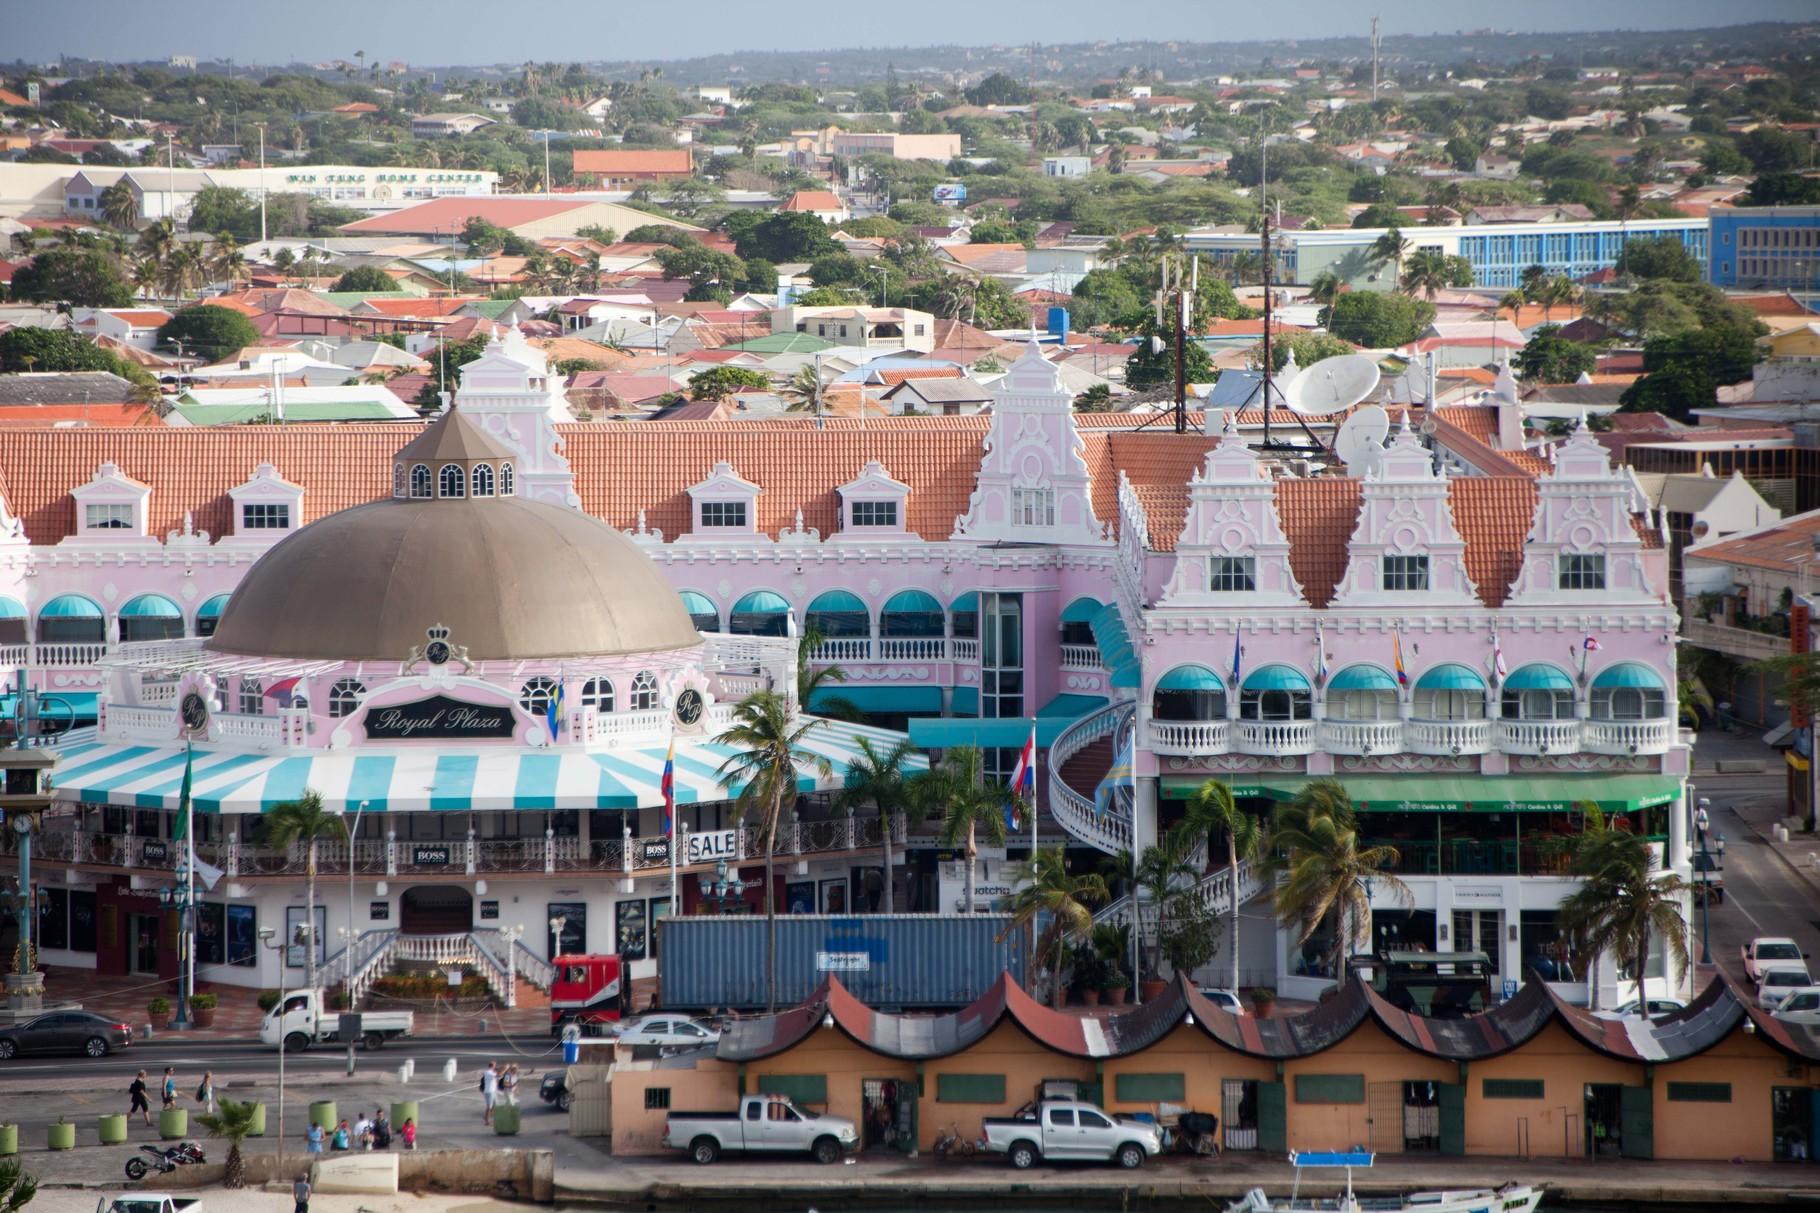 Aruba Oranjestad